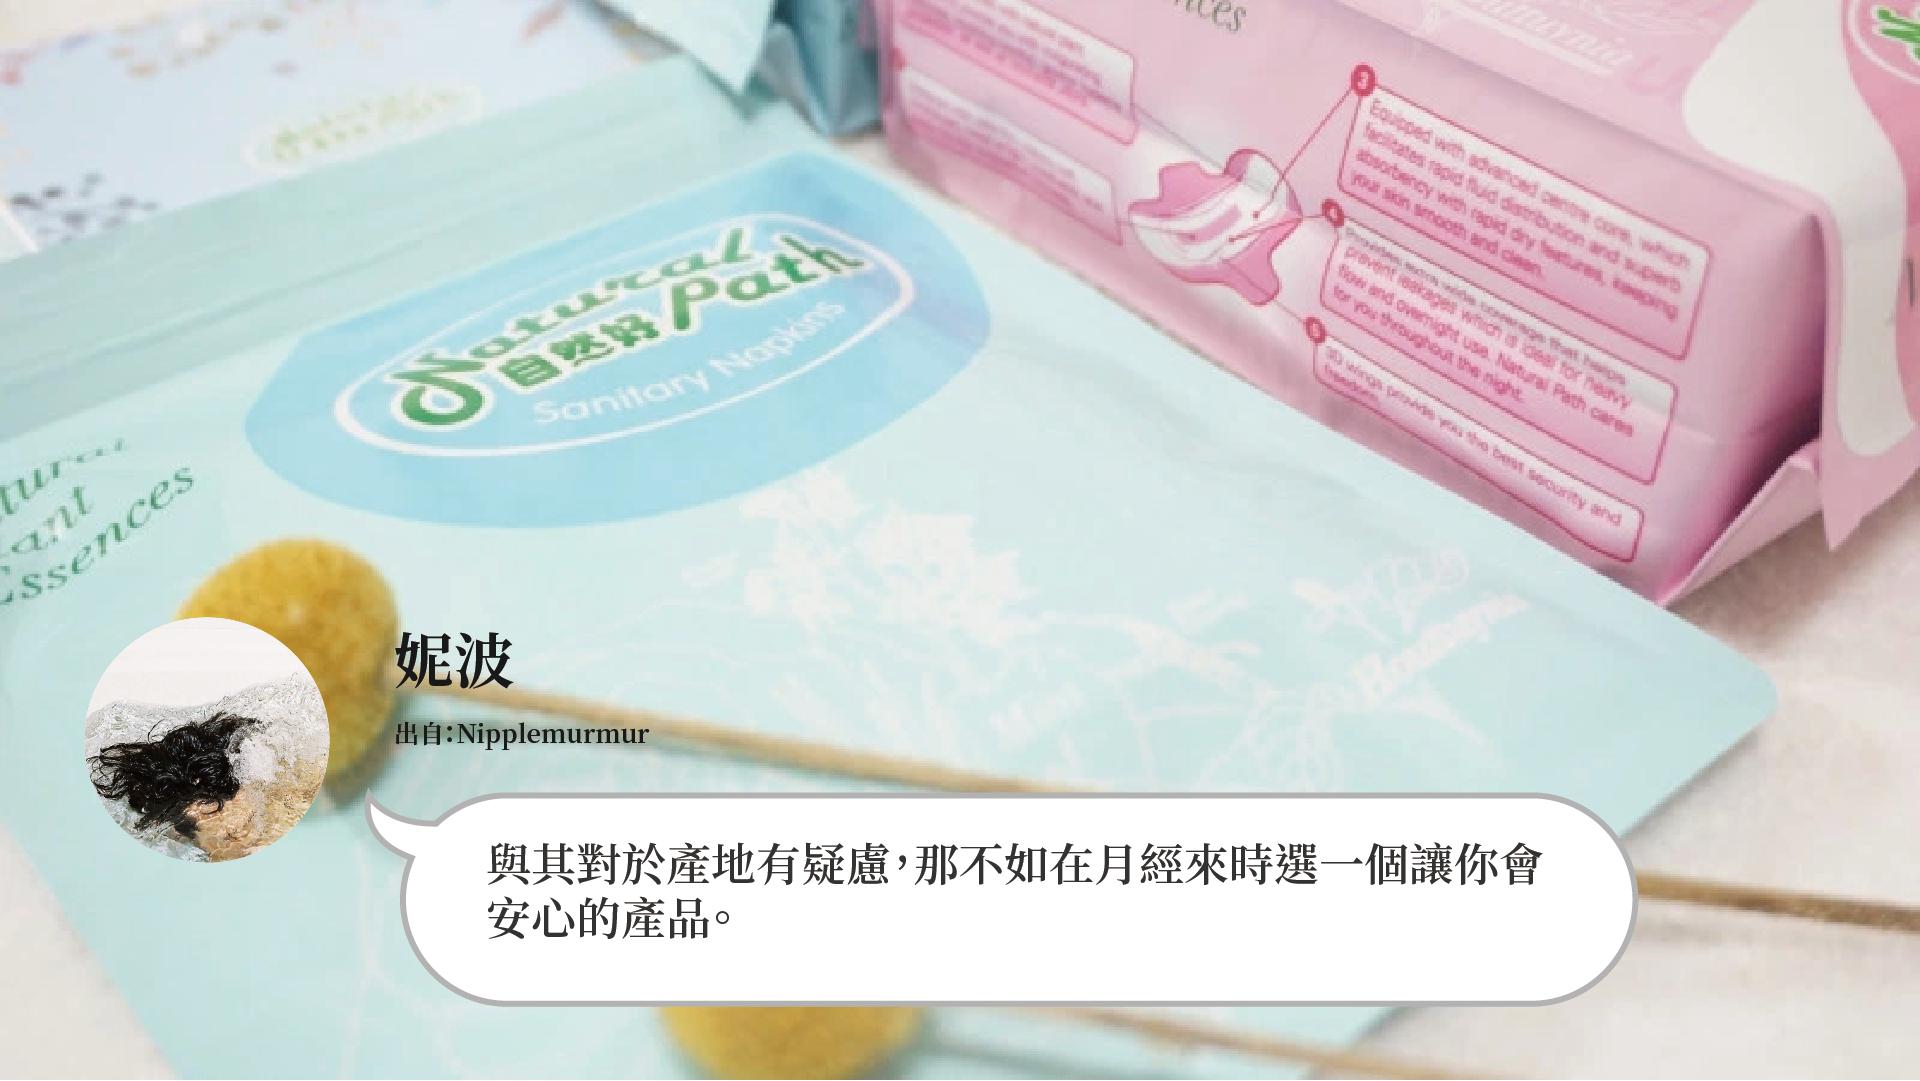 妮波:與其對於產地有疑慮,那不如在月經來時選一個讓你會 安心的產品。